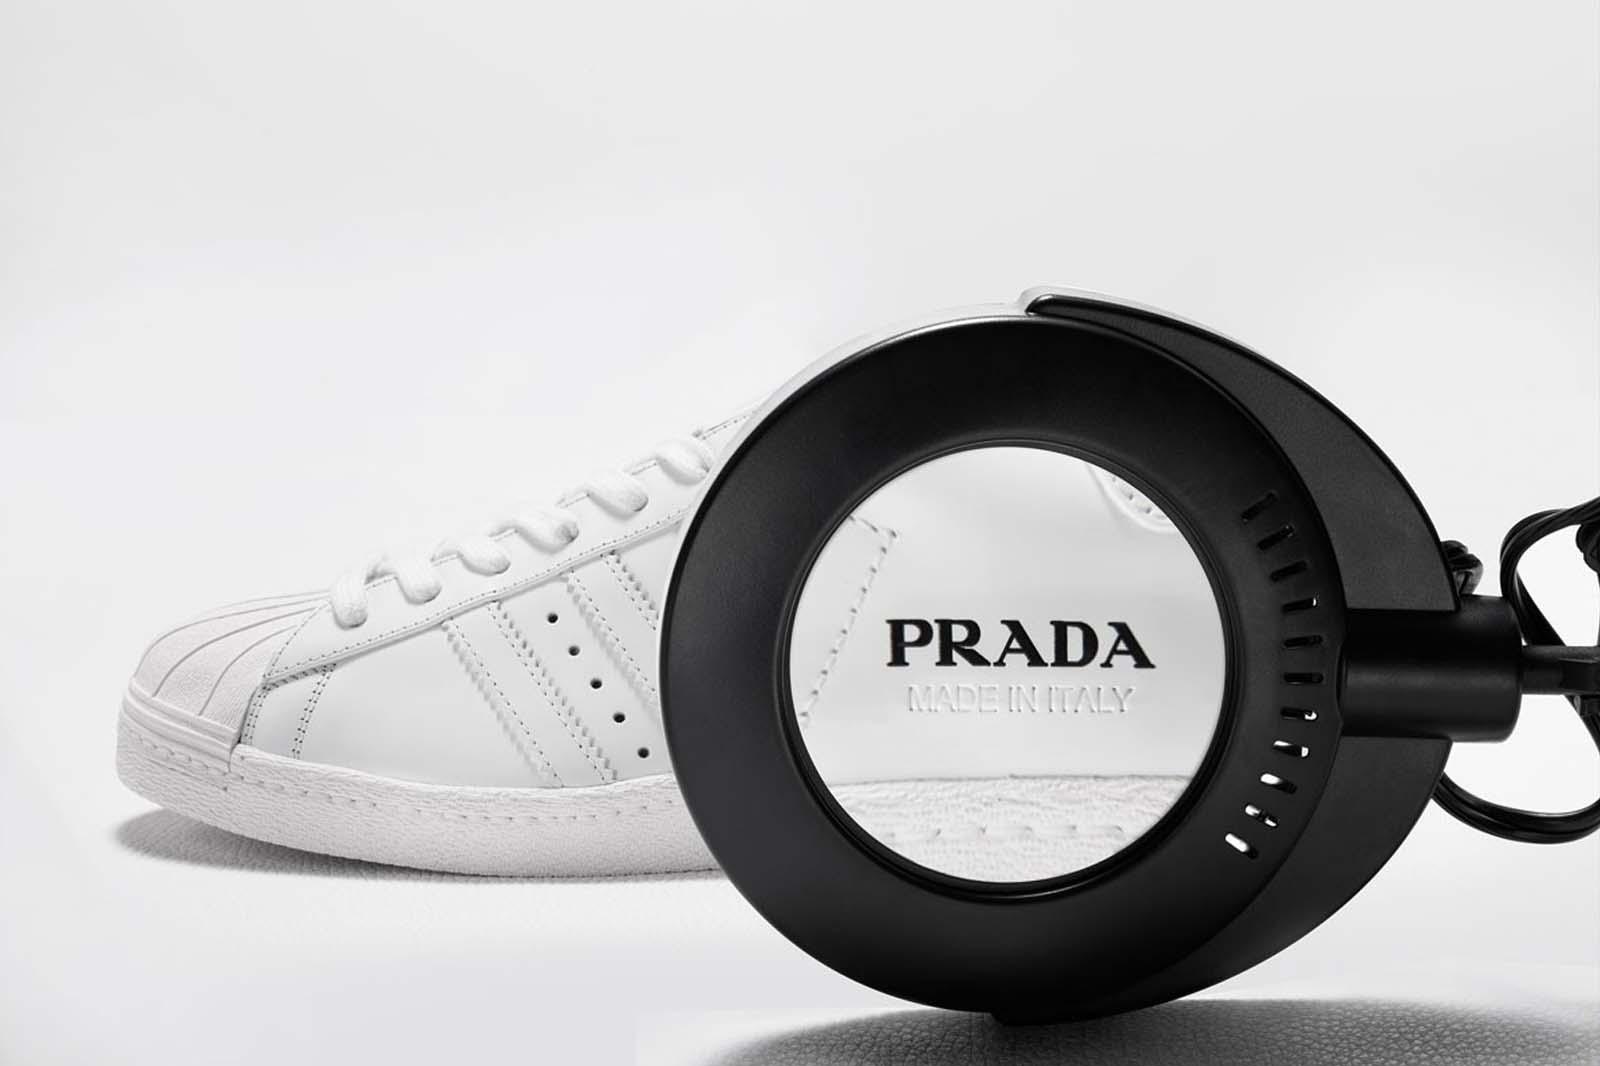 Prada & Adidas liefern erste Bilder & Release Date zur